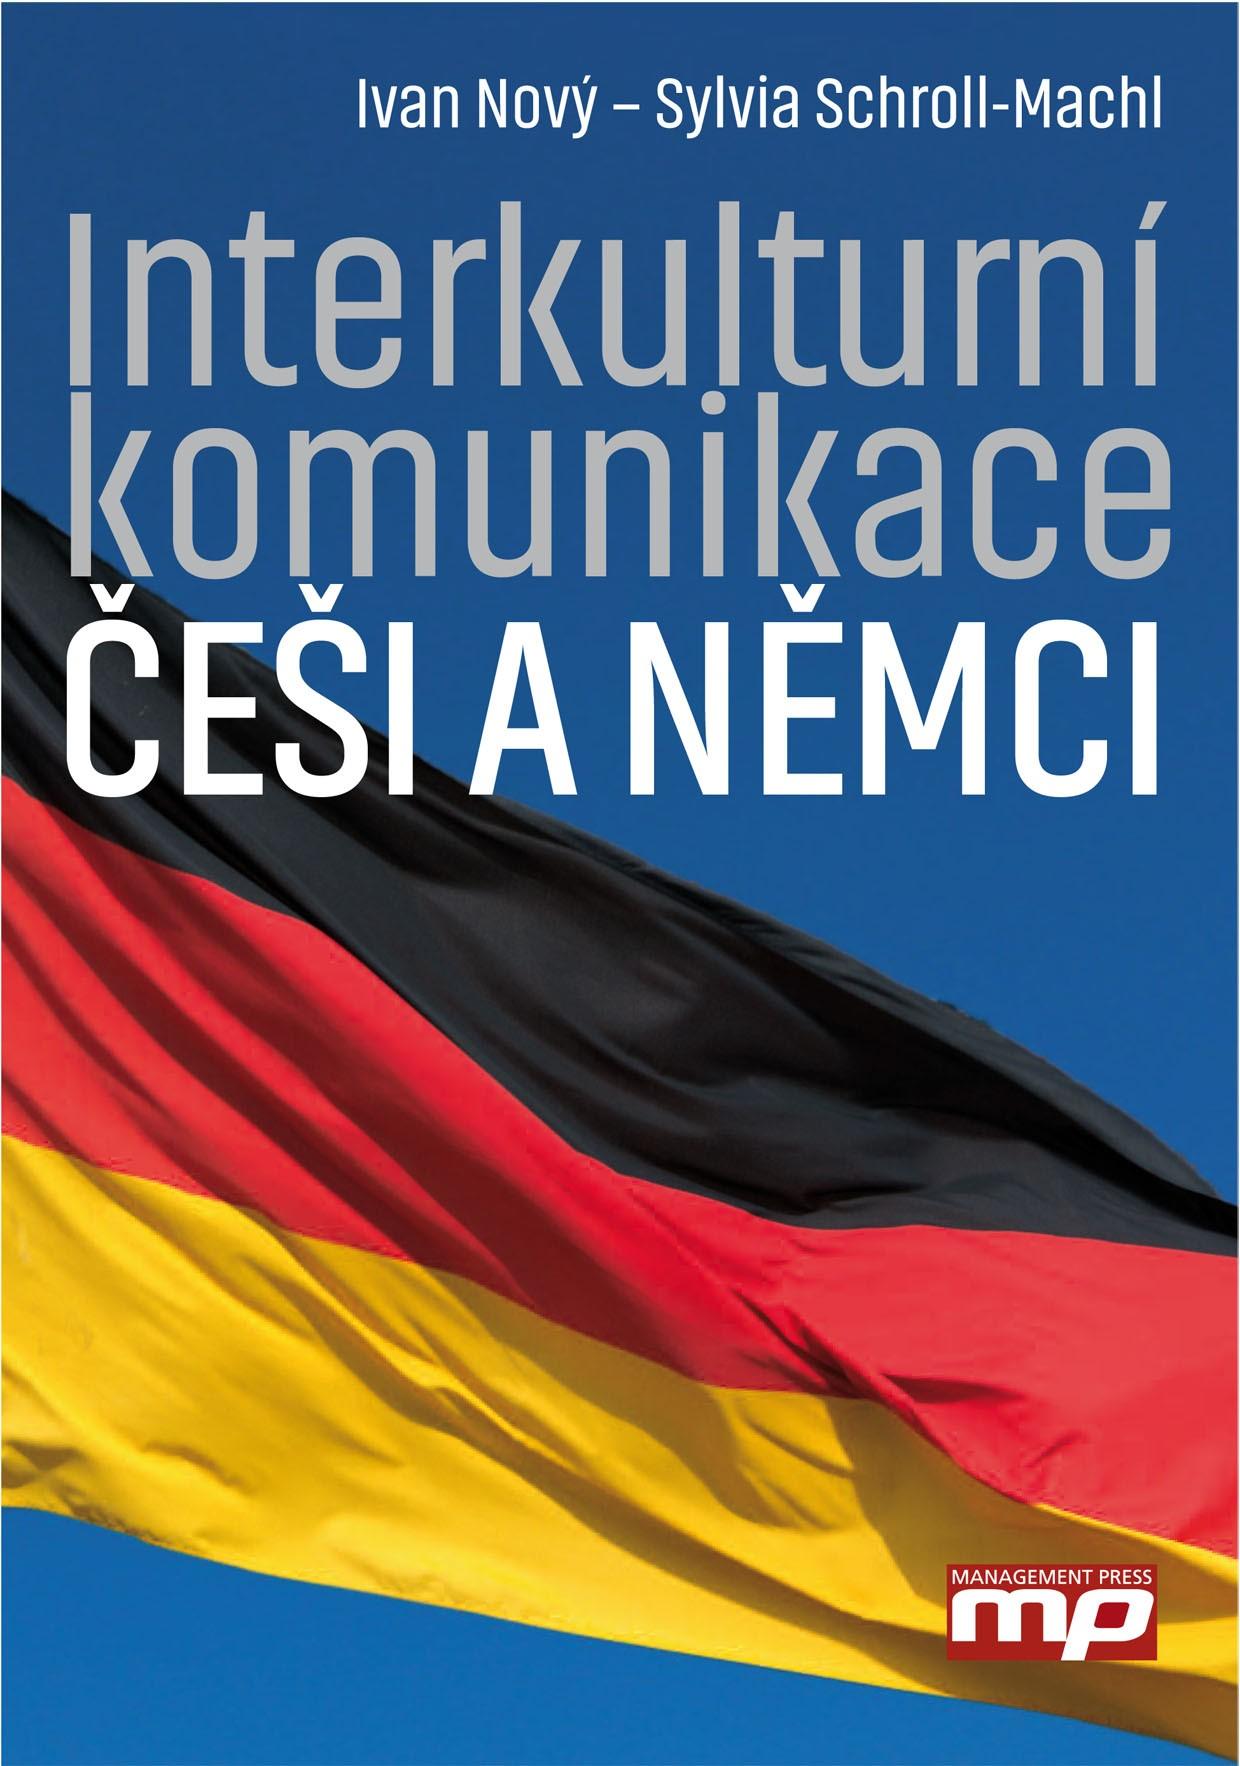 Interkulturní komunikace: Češi a Němci | Ivan Nový, Sylvia Schroll-Machl